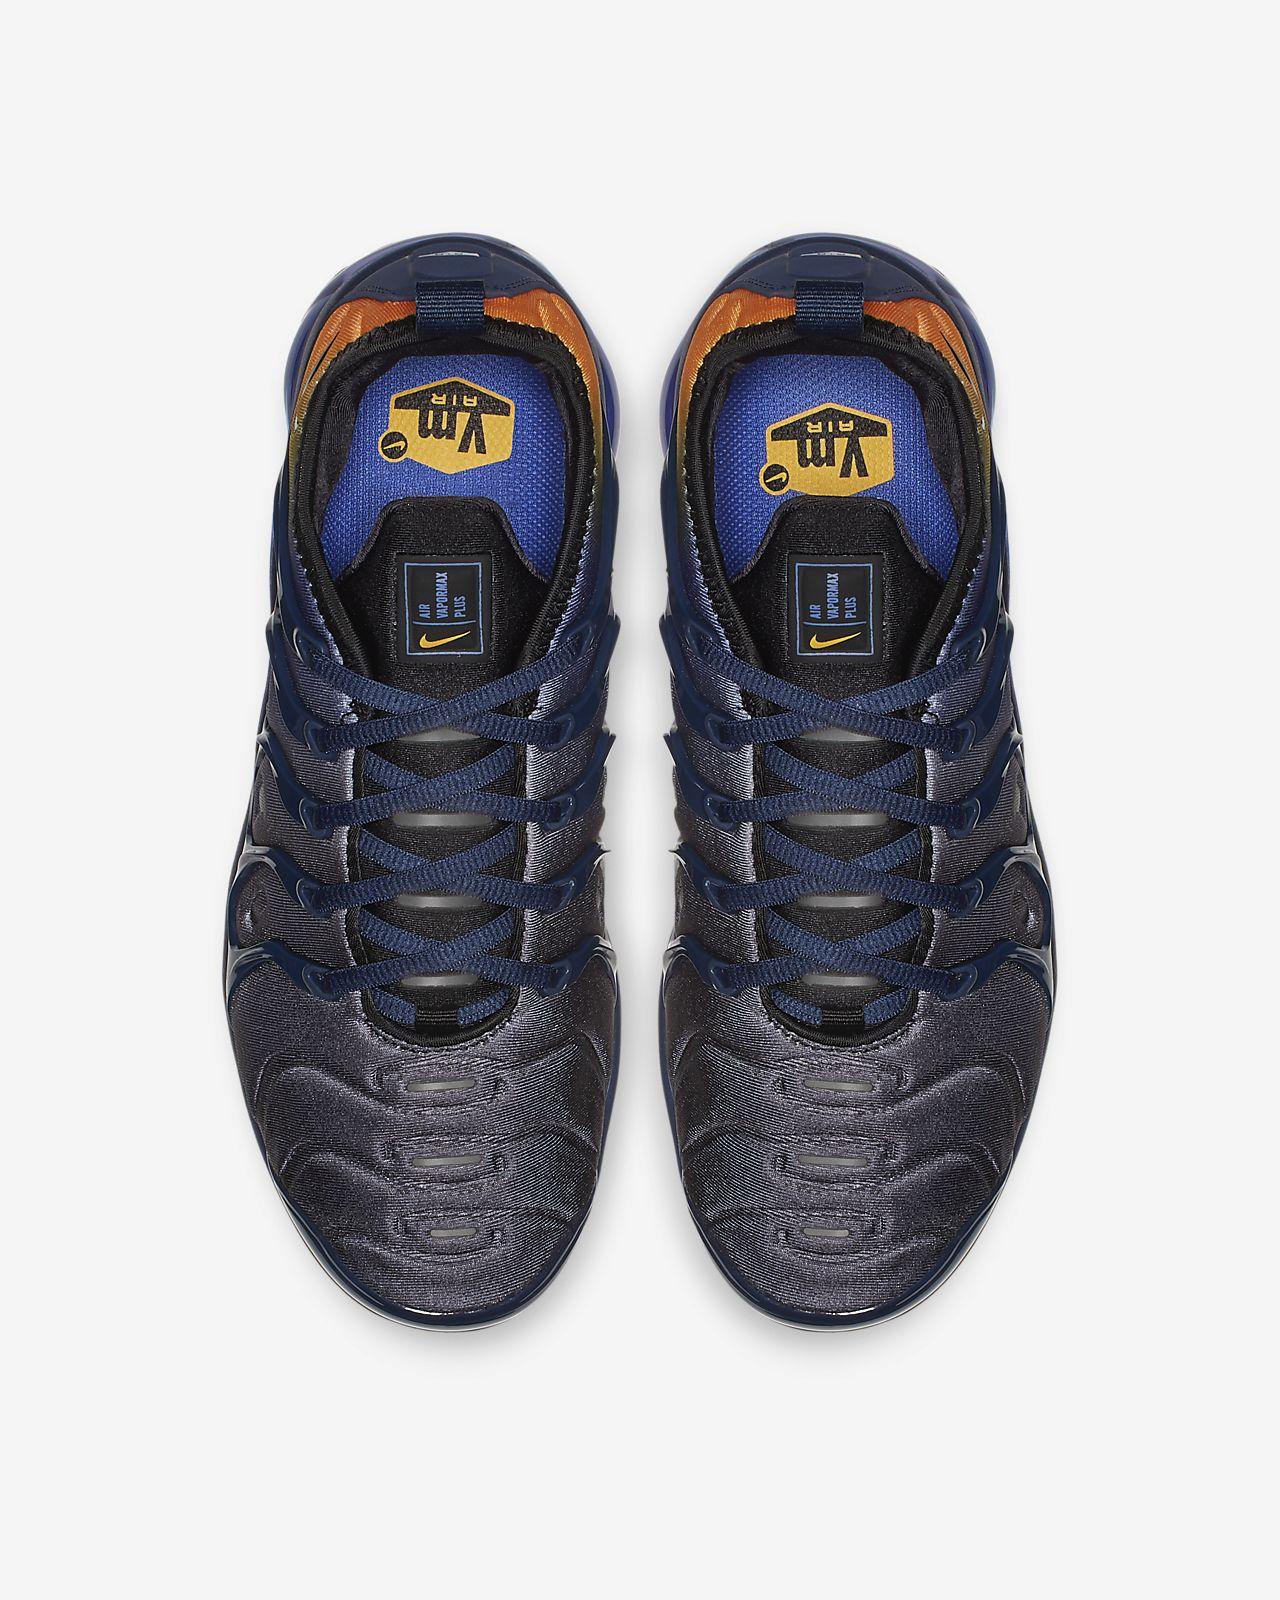 7b084206f28 Nike Air VaporMax Plus Women s Shoe. Nike.com